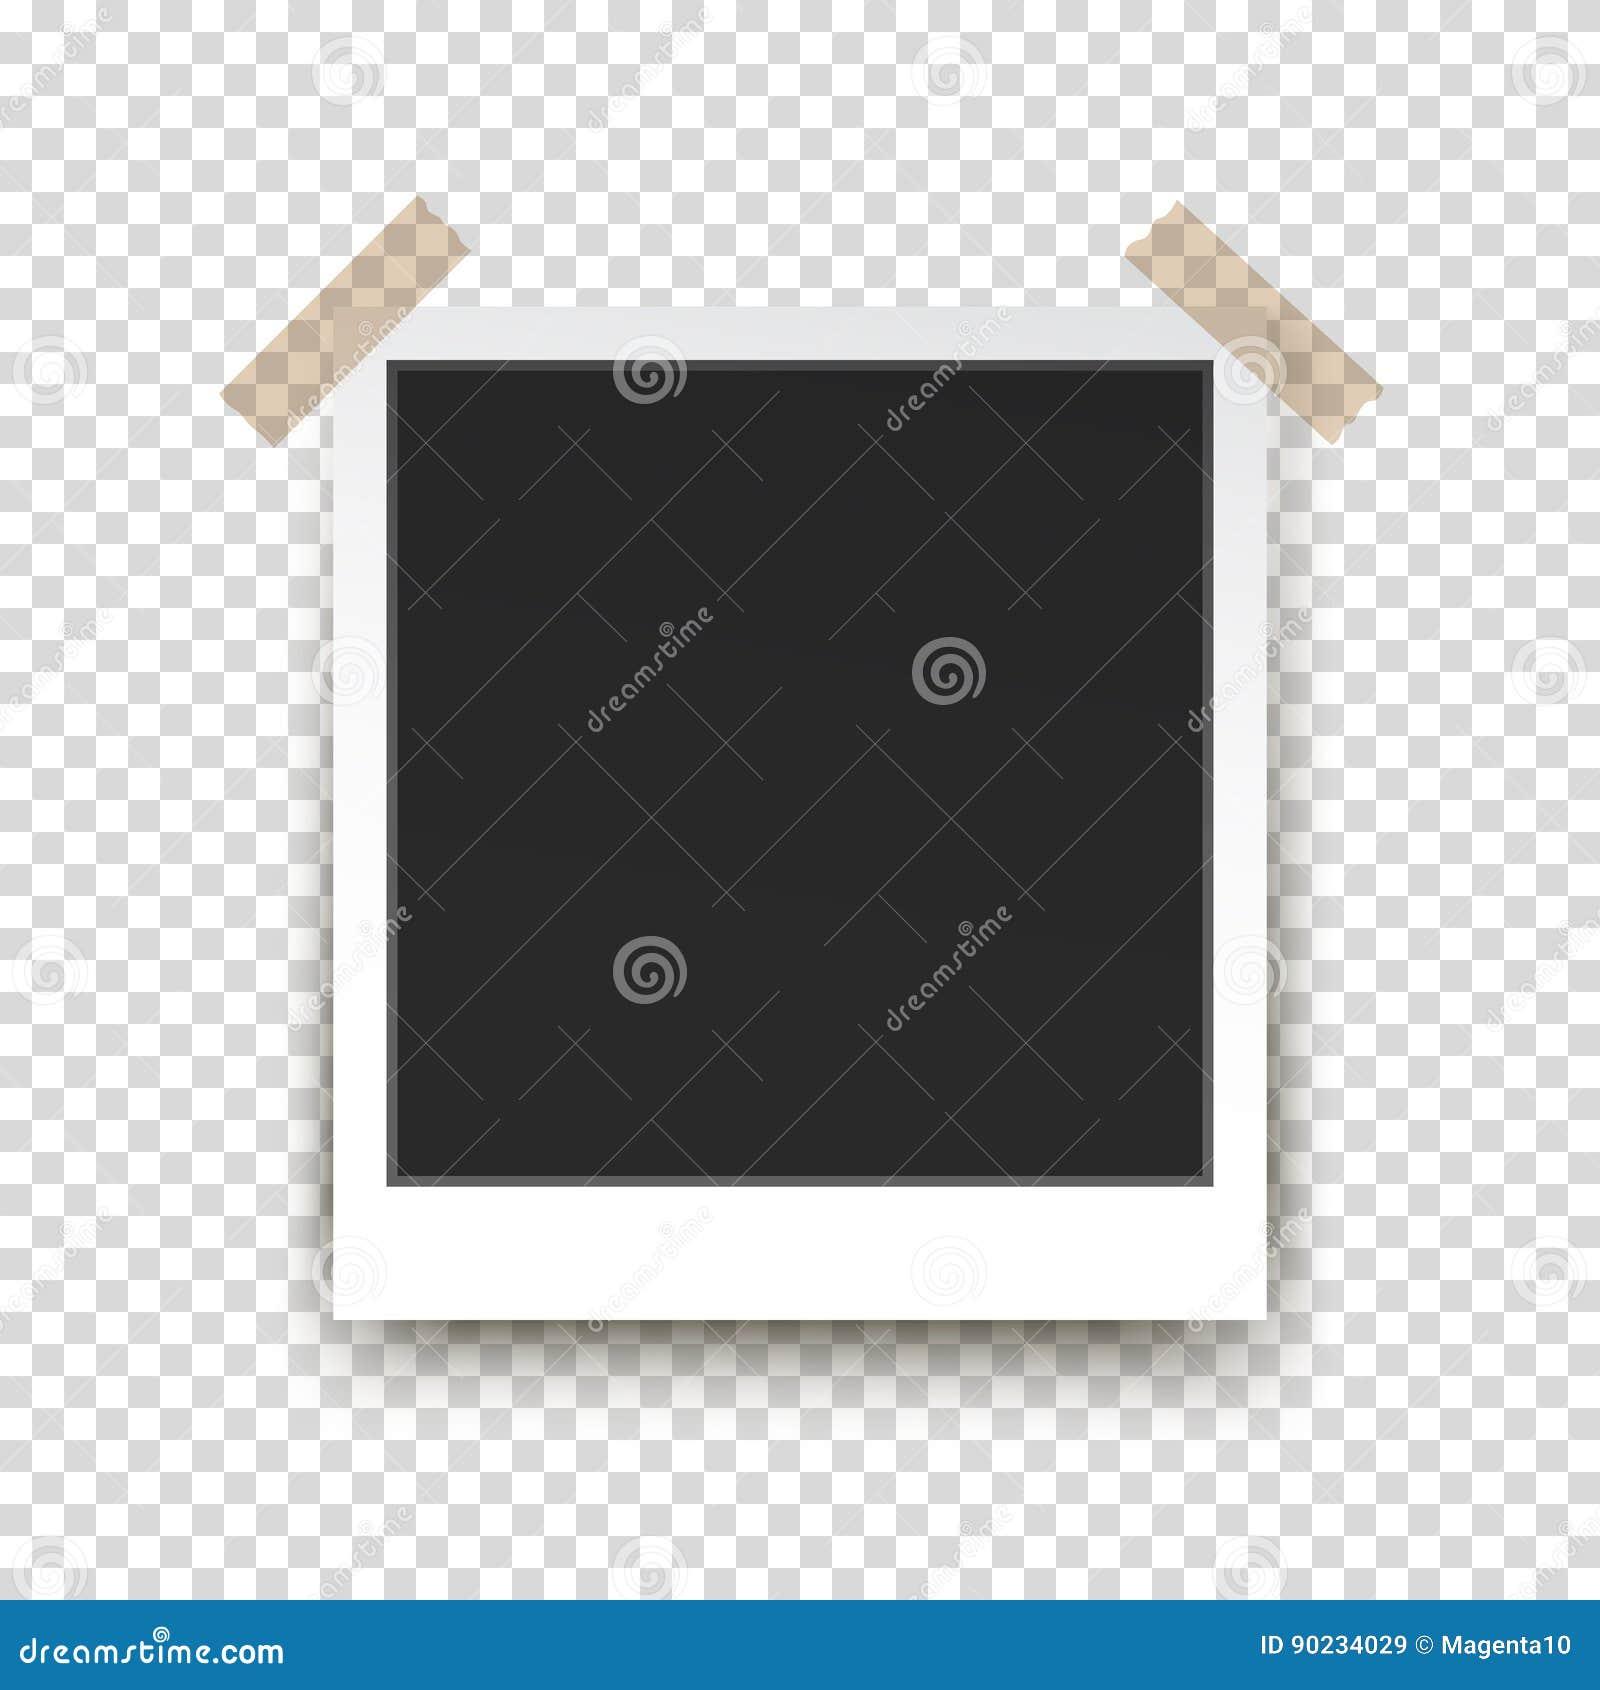 how to make a polaroid frame photo